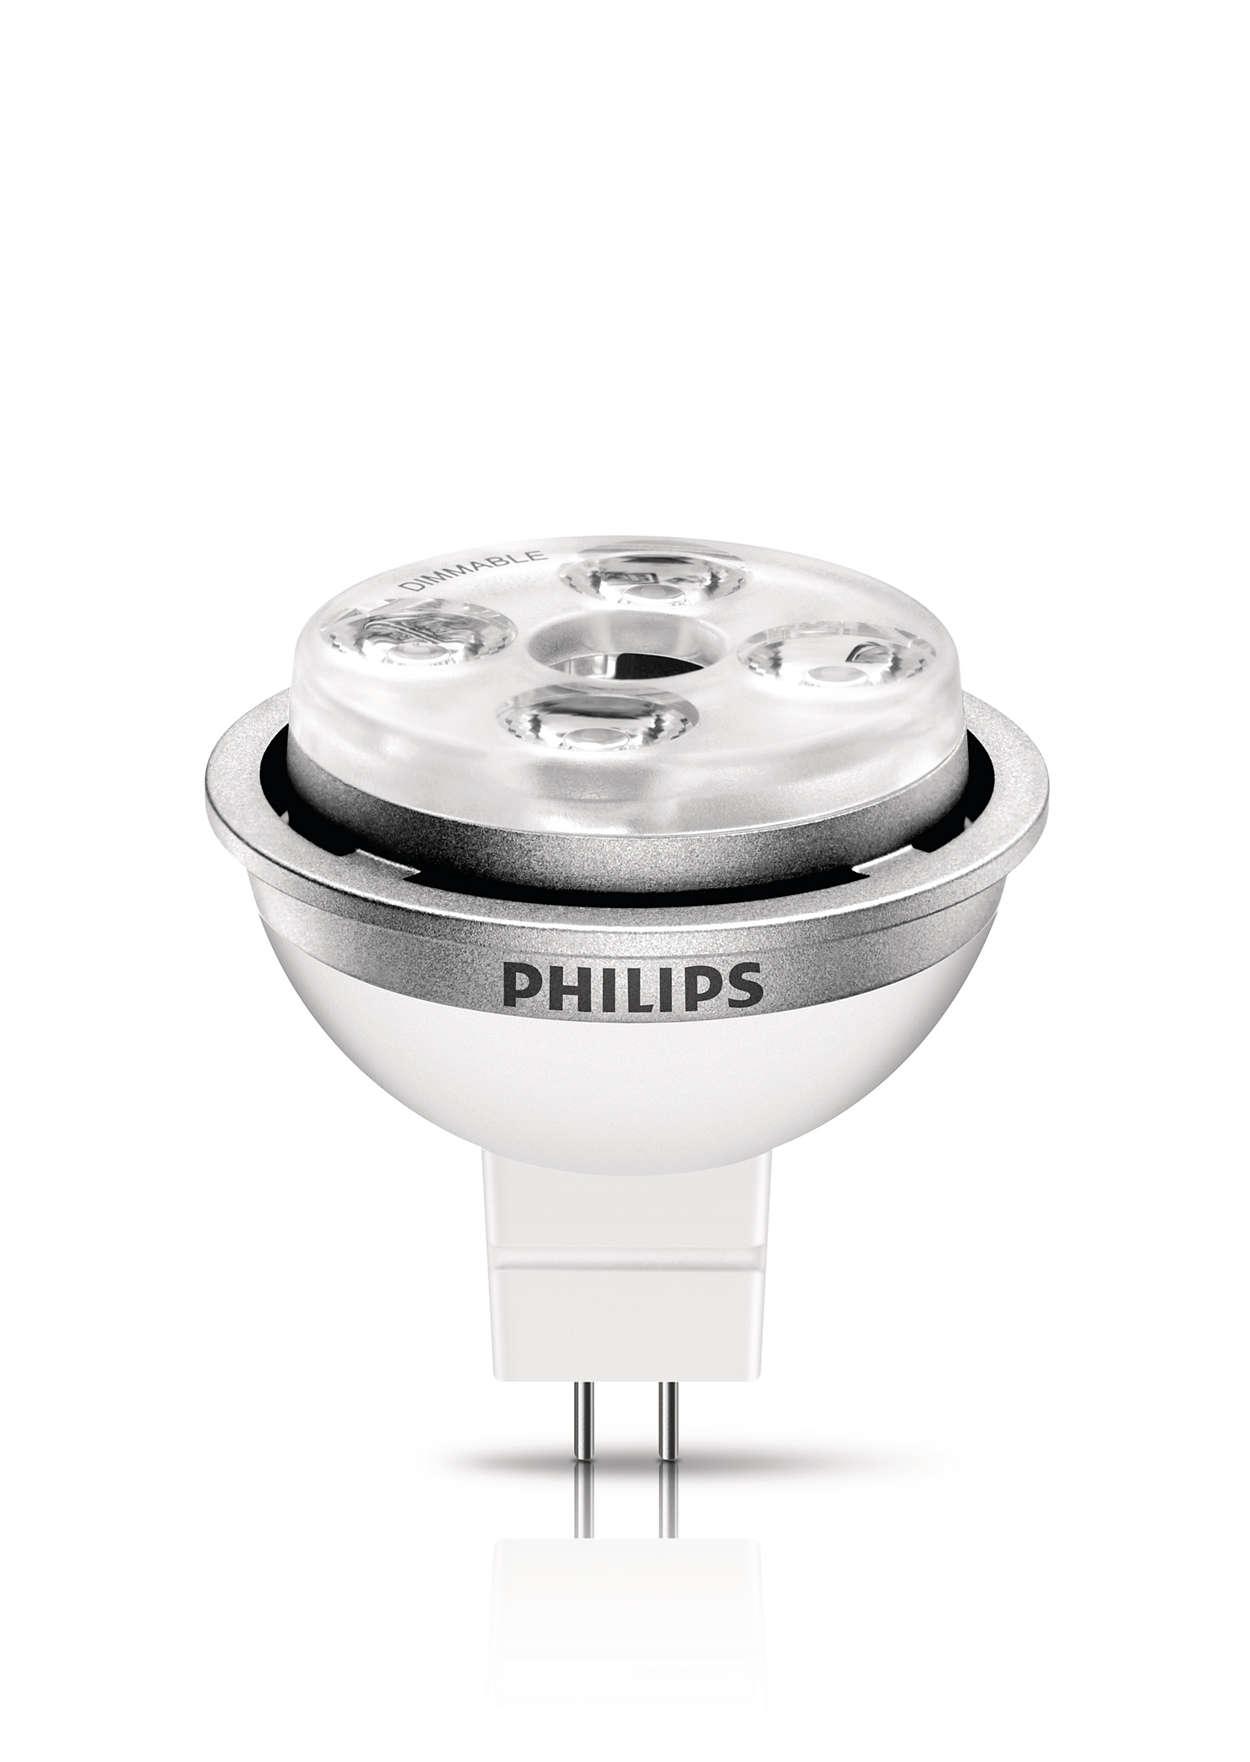 Lumière d'excellente qualité, économies d'énergie insurpassables